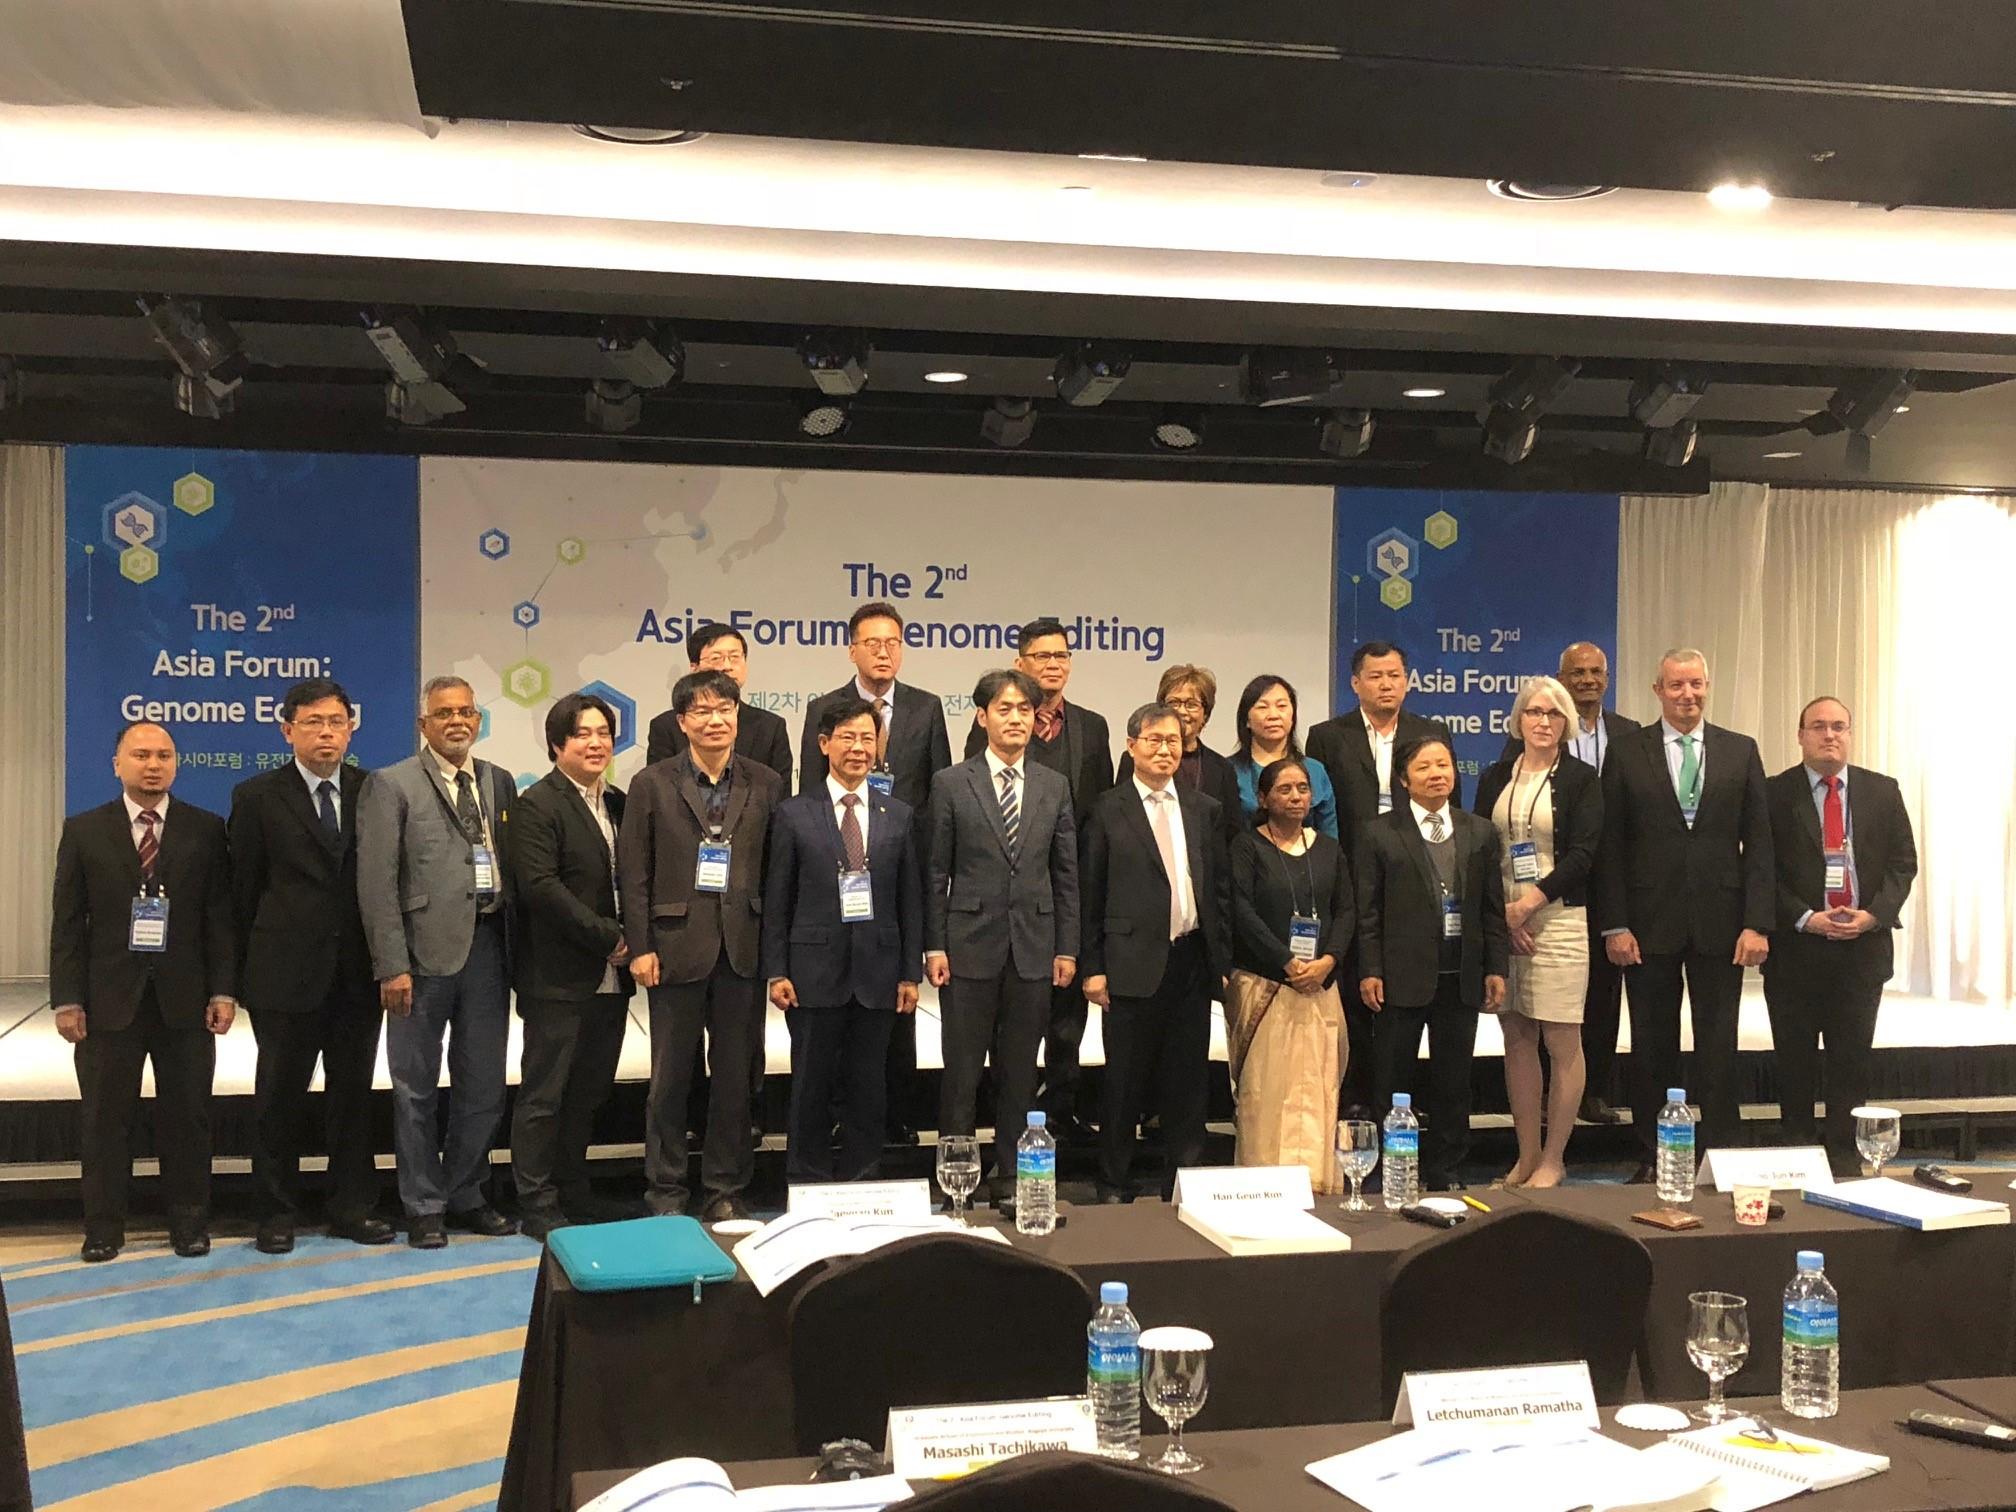 2018 11 01-02 Biotech event | U S  Embassy & Consulate in Korea